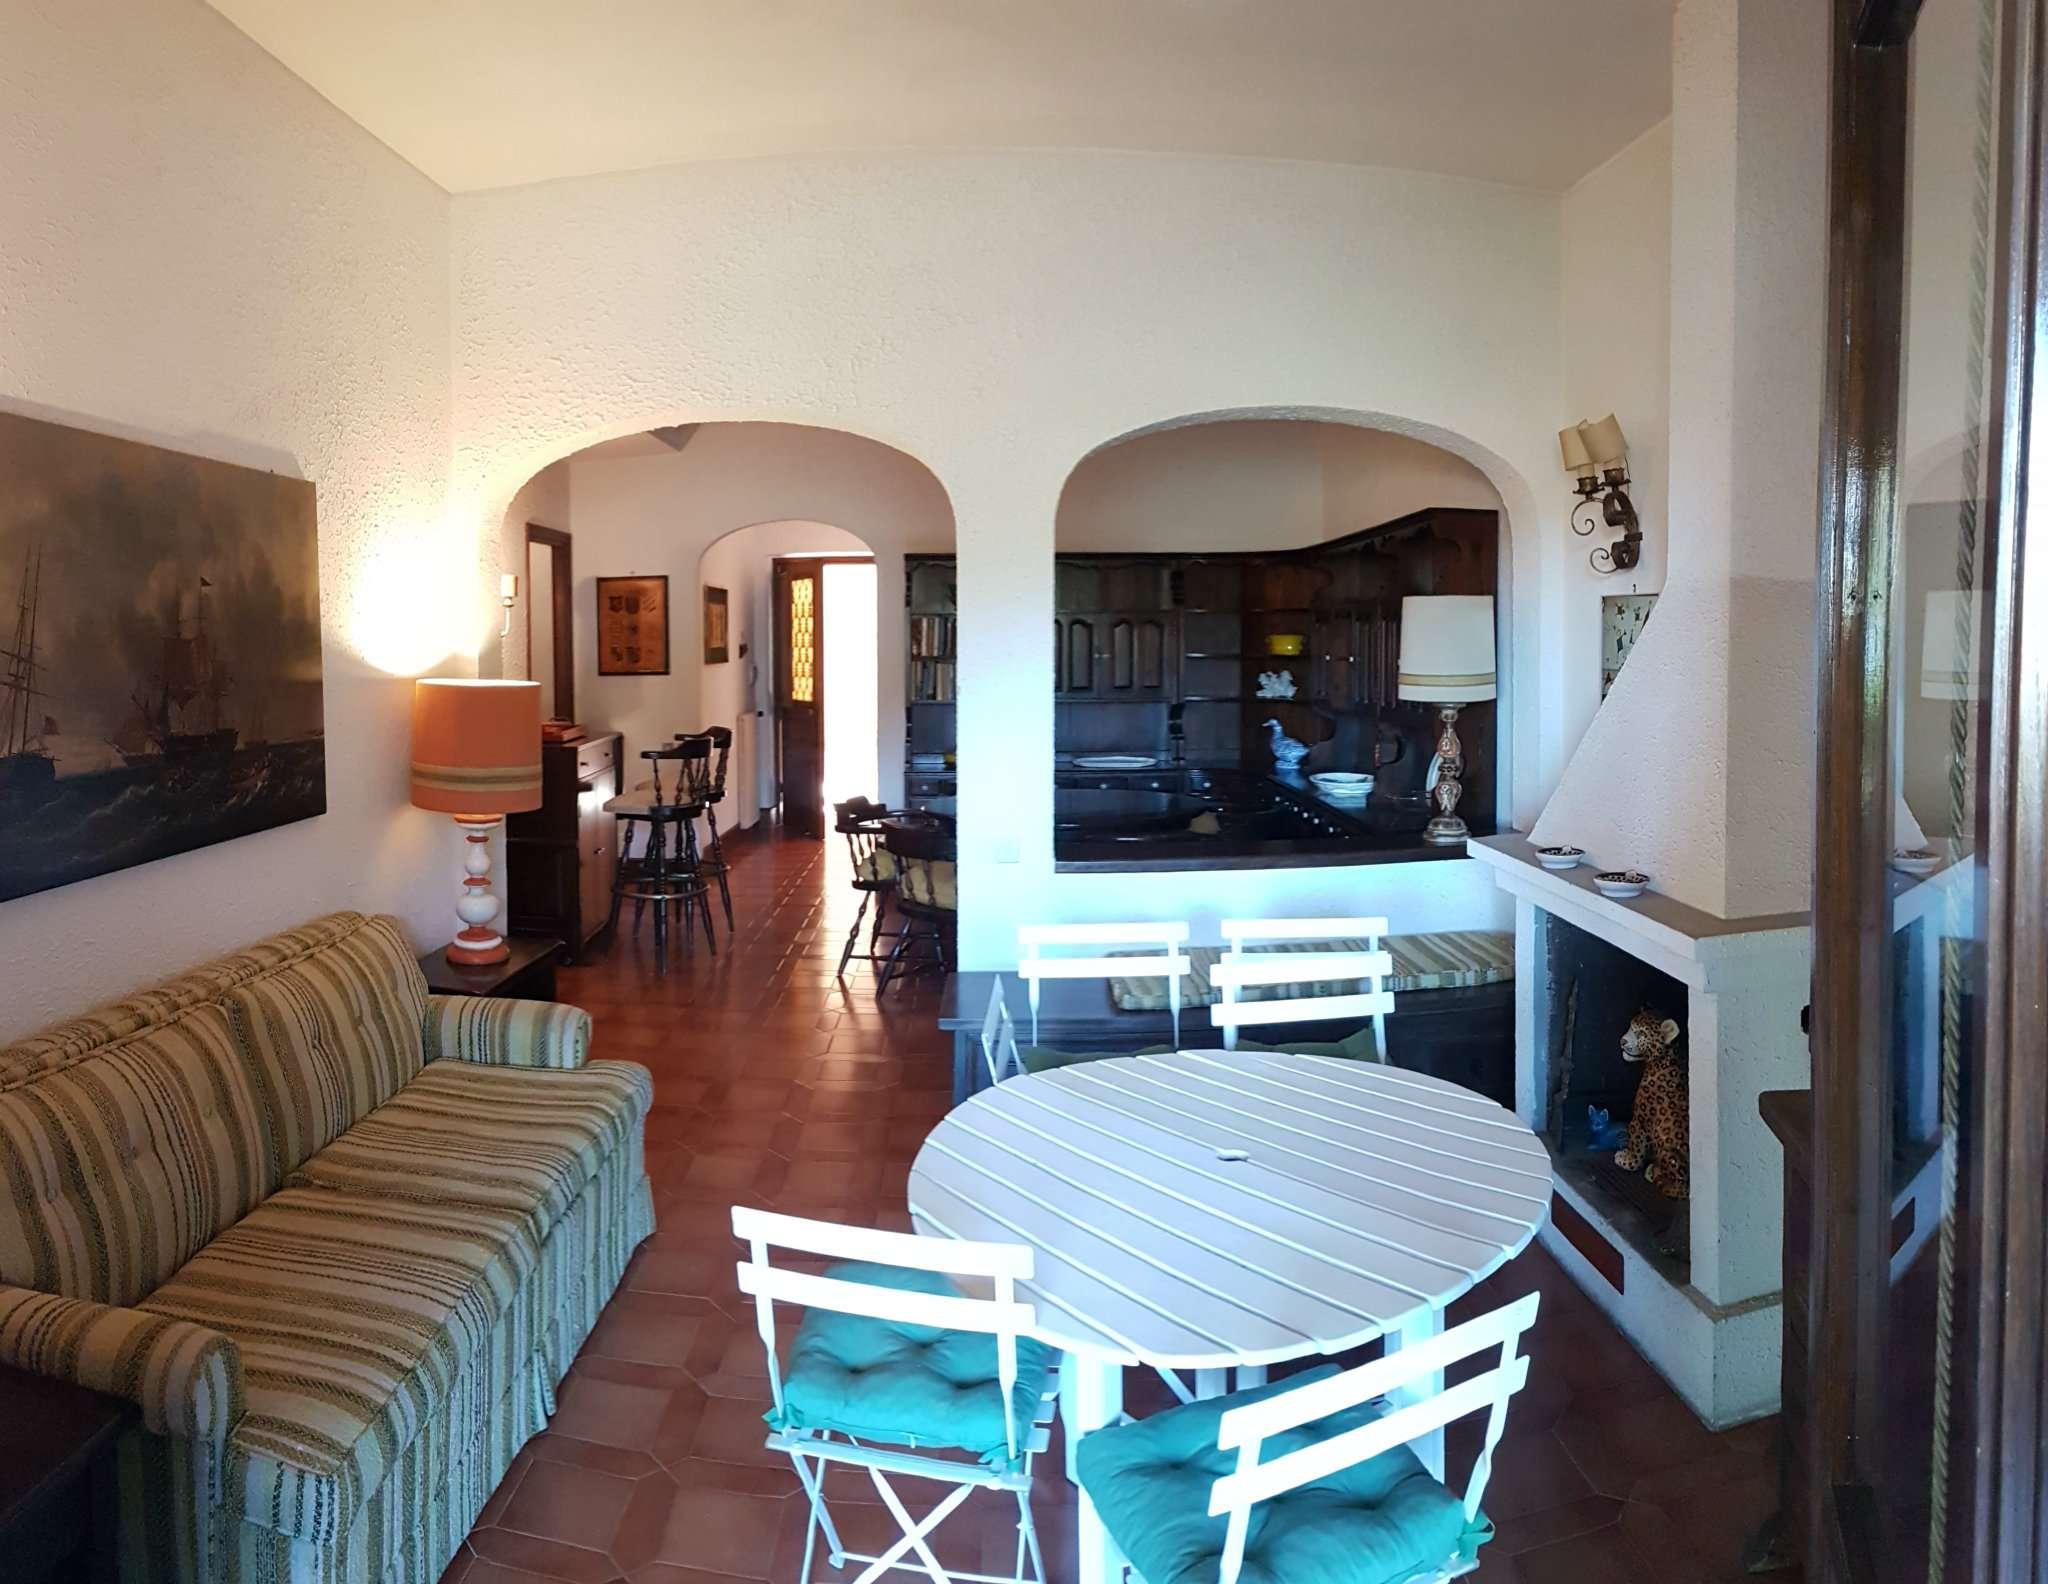 Ampio e luminoso appartamento con giardino in villa a schiera